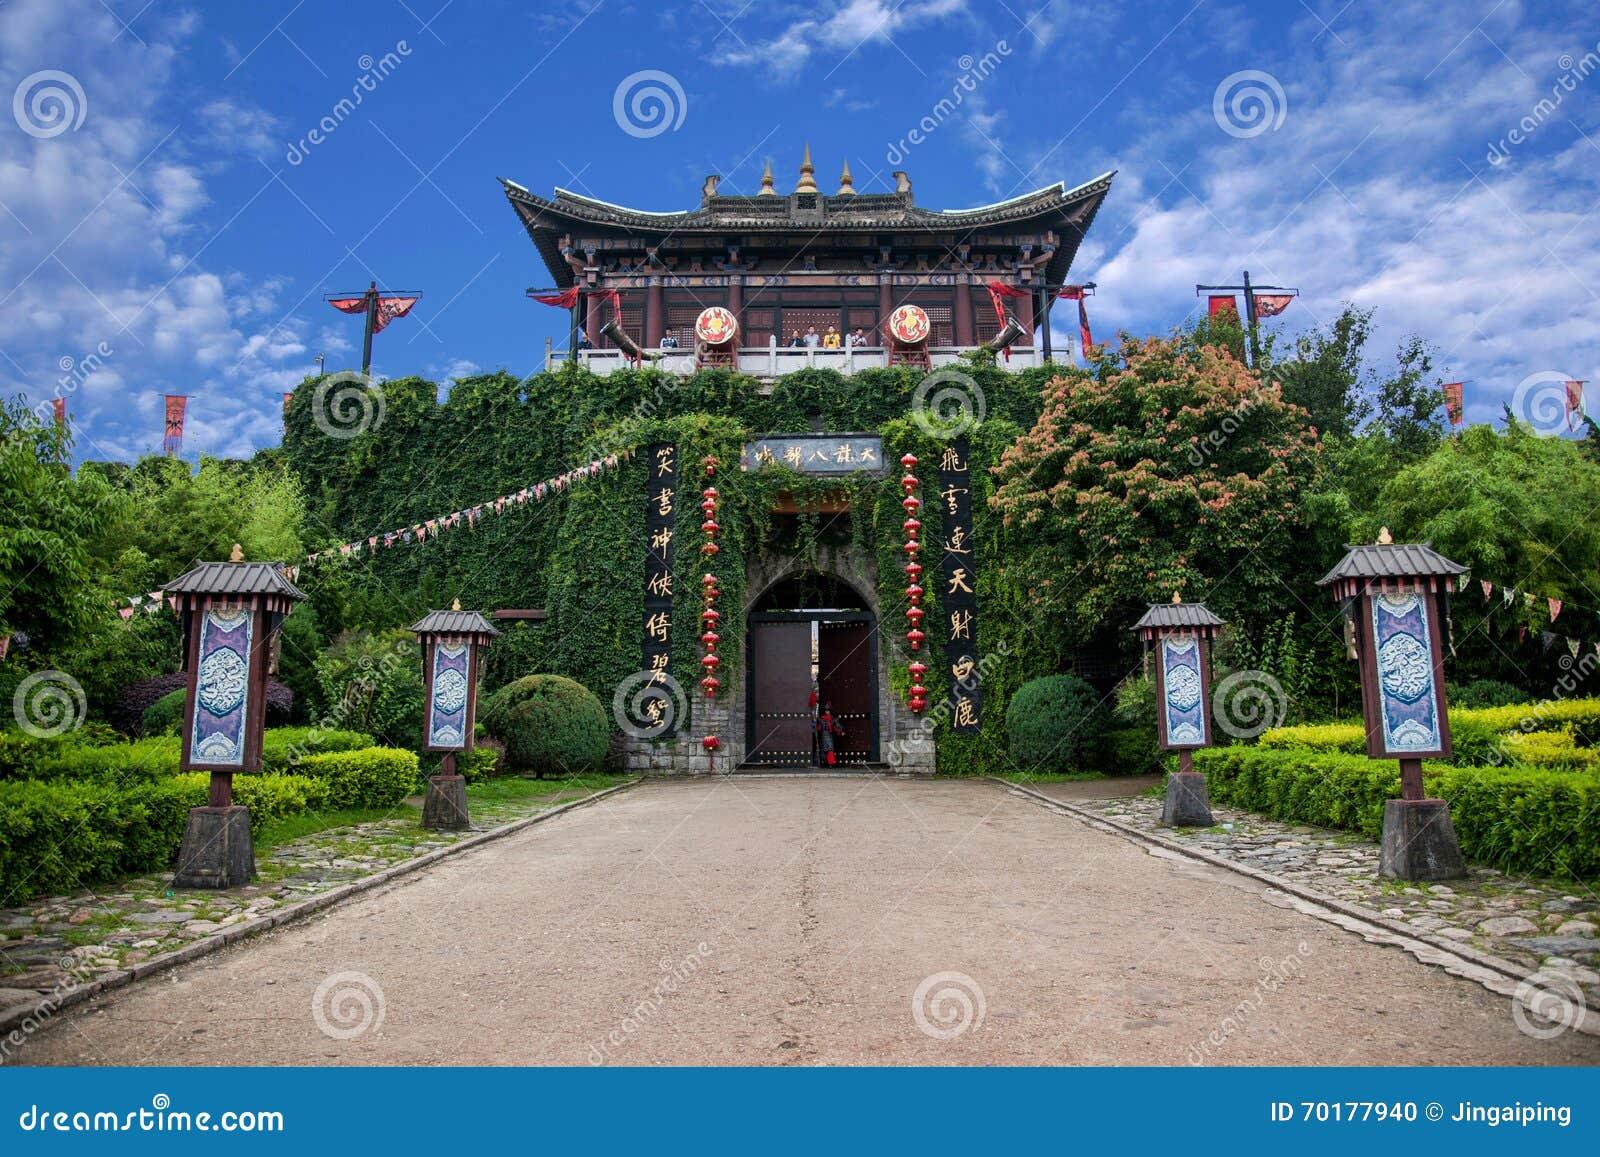 Yunnan Dali Dragon City